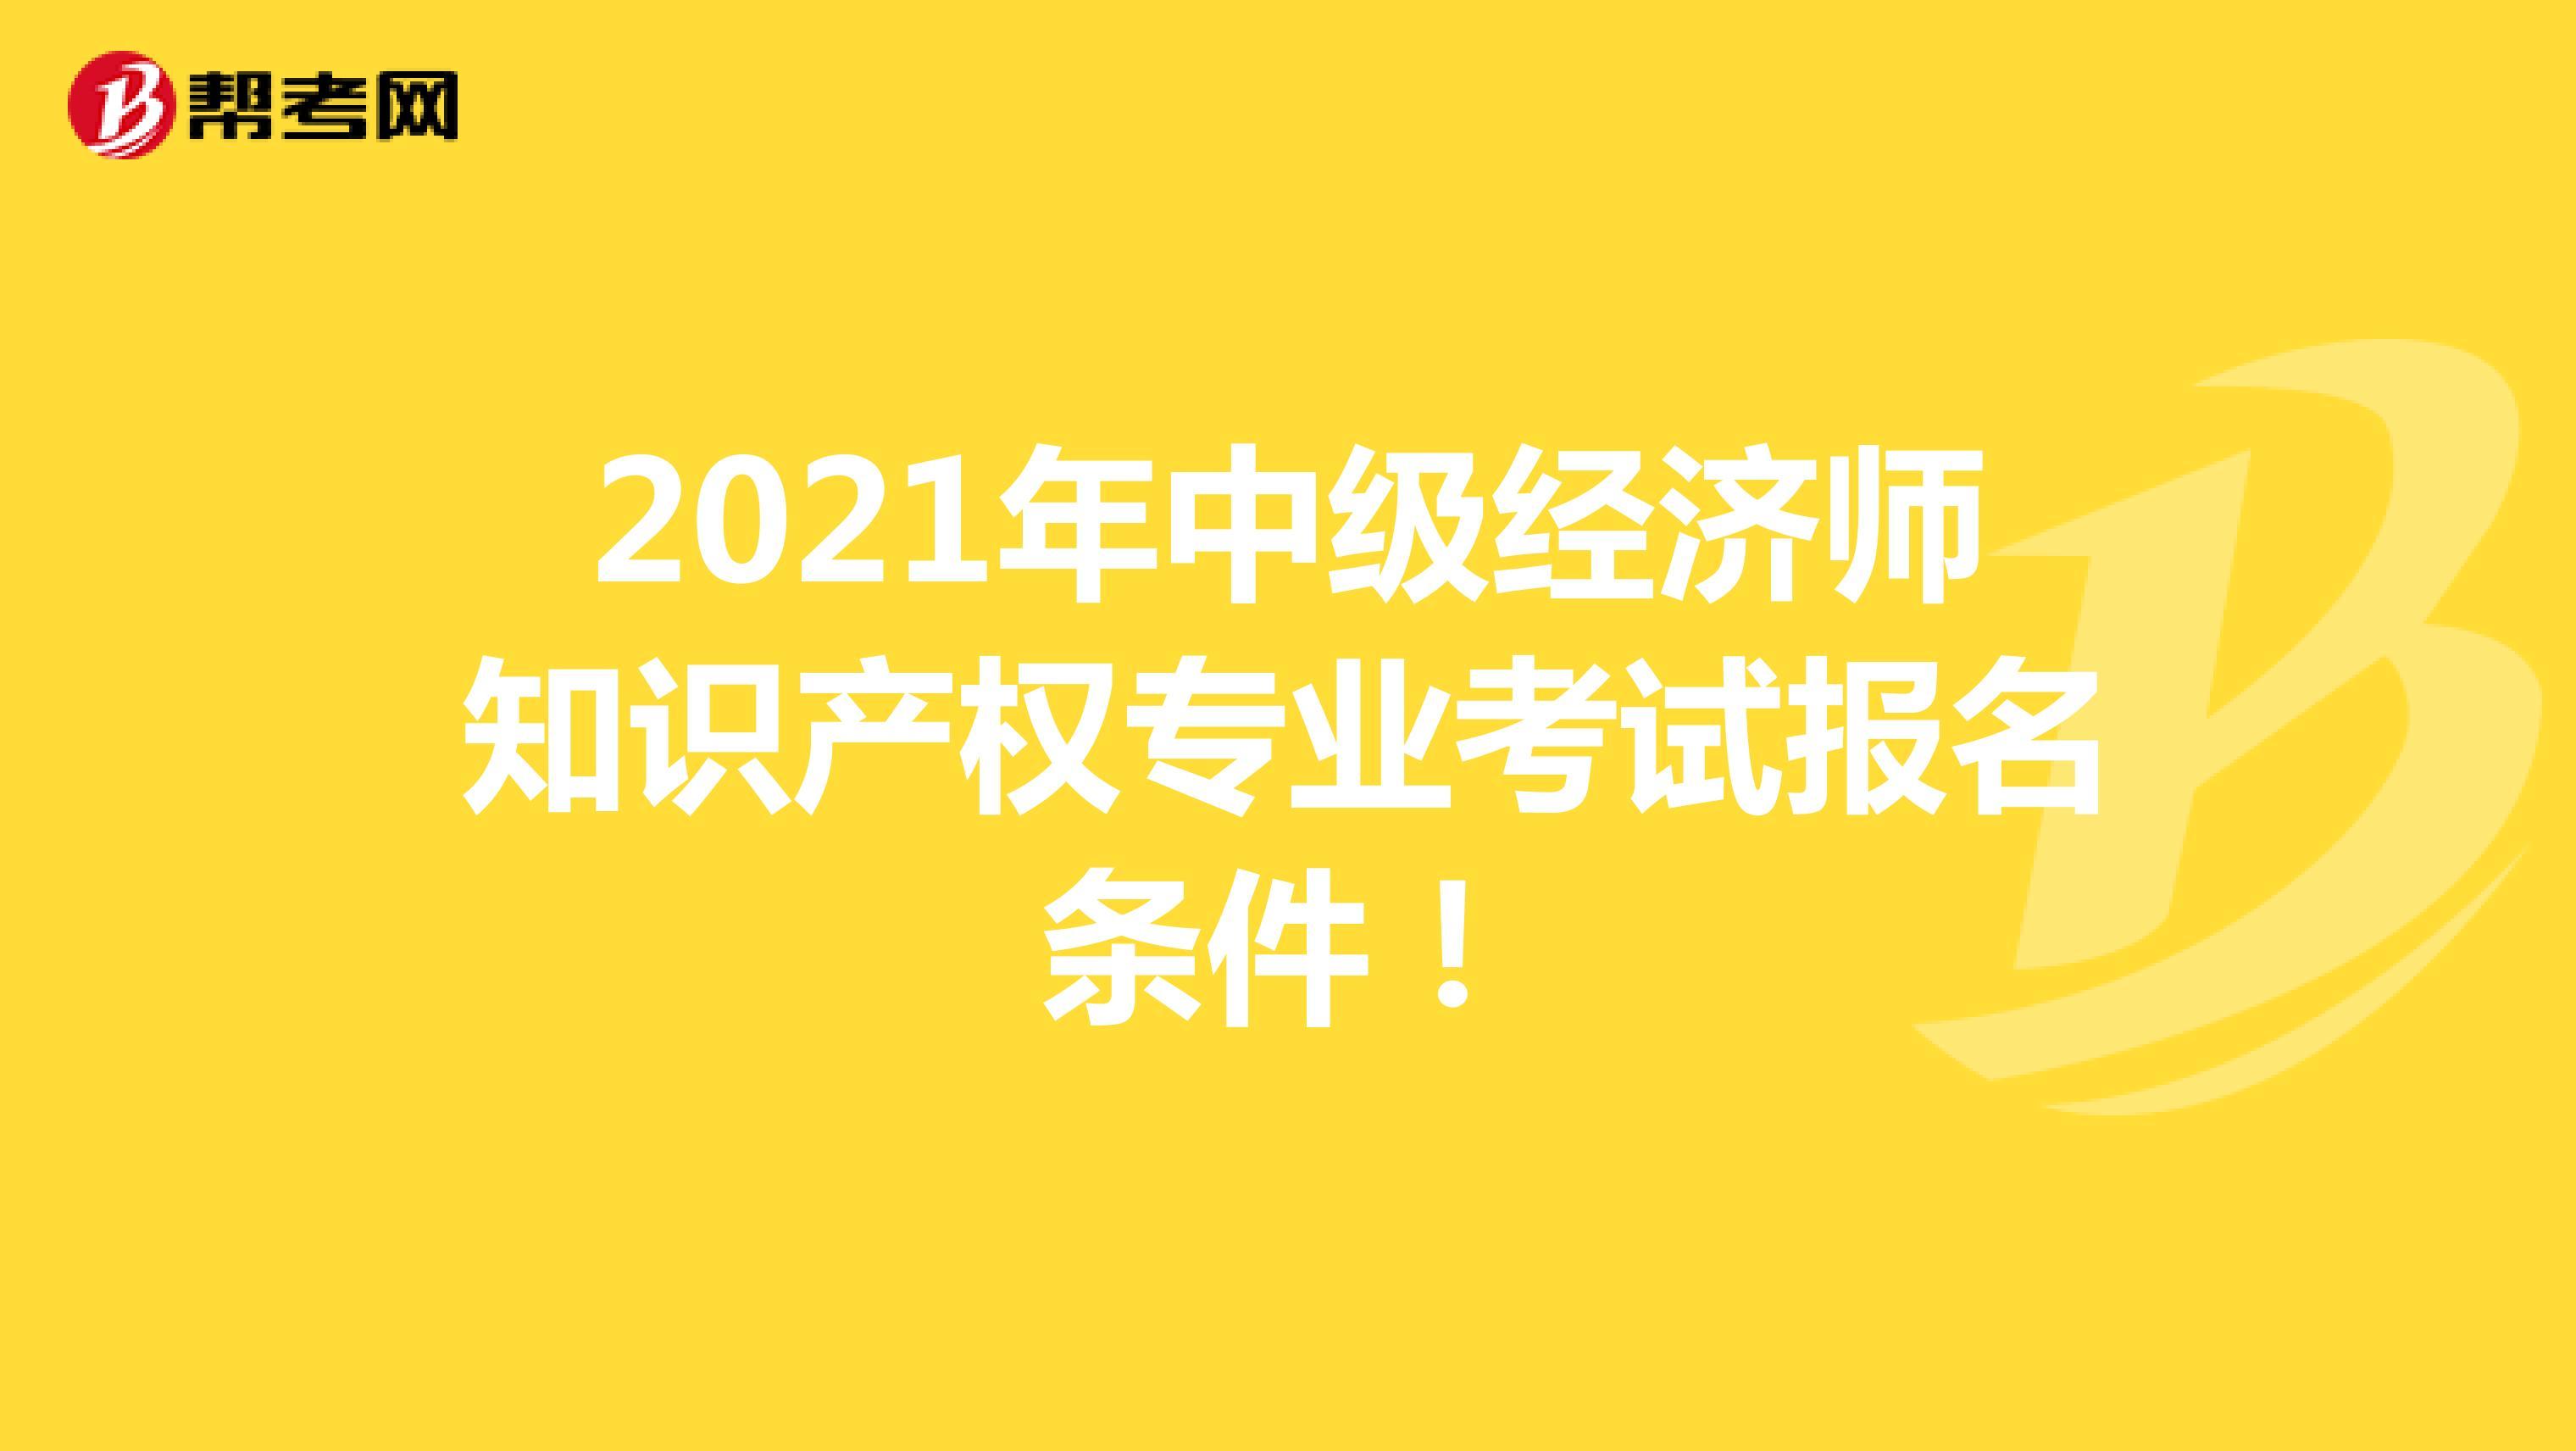 2021年中級經濟師知識產權專業考試報名條件!